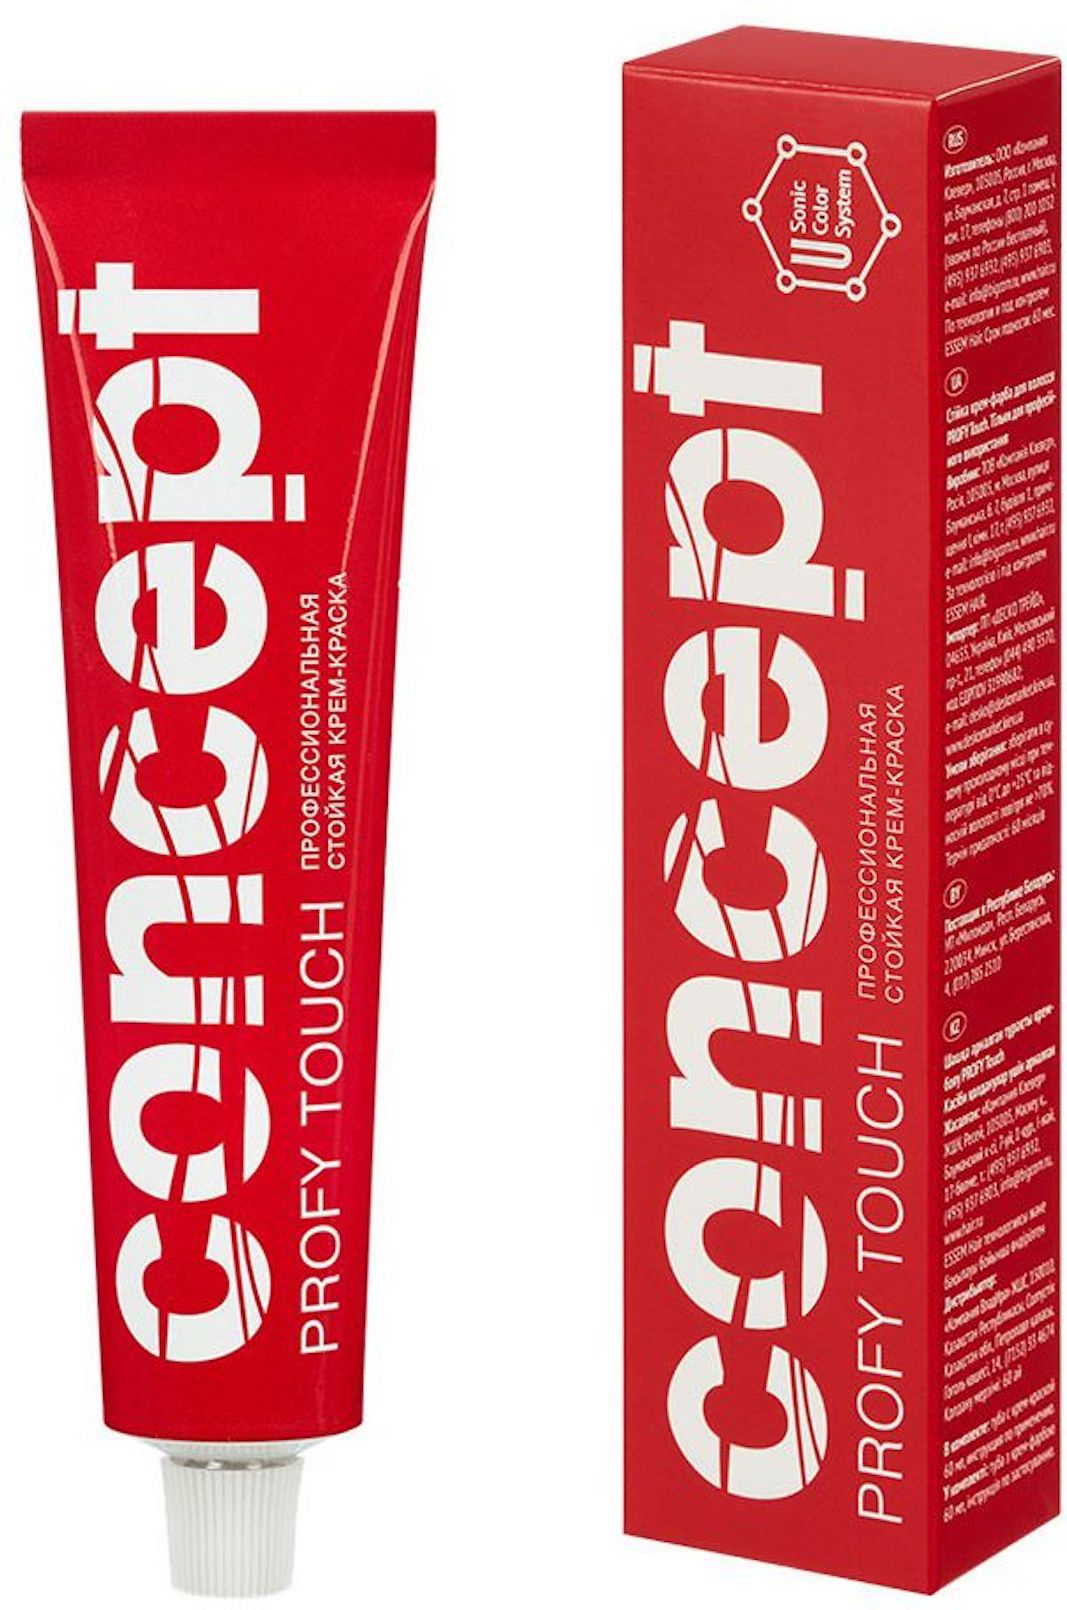 Стойкая крем-краска для волос Concept Permanent color cream PROFY Touch 4.73 Темный коричневый 33194 недорого